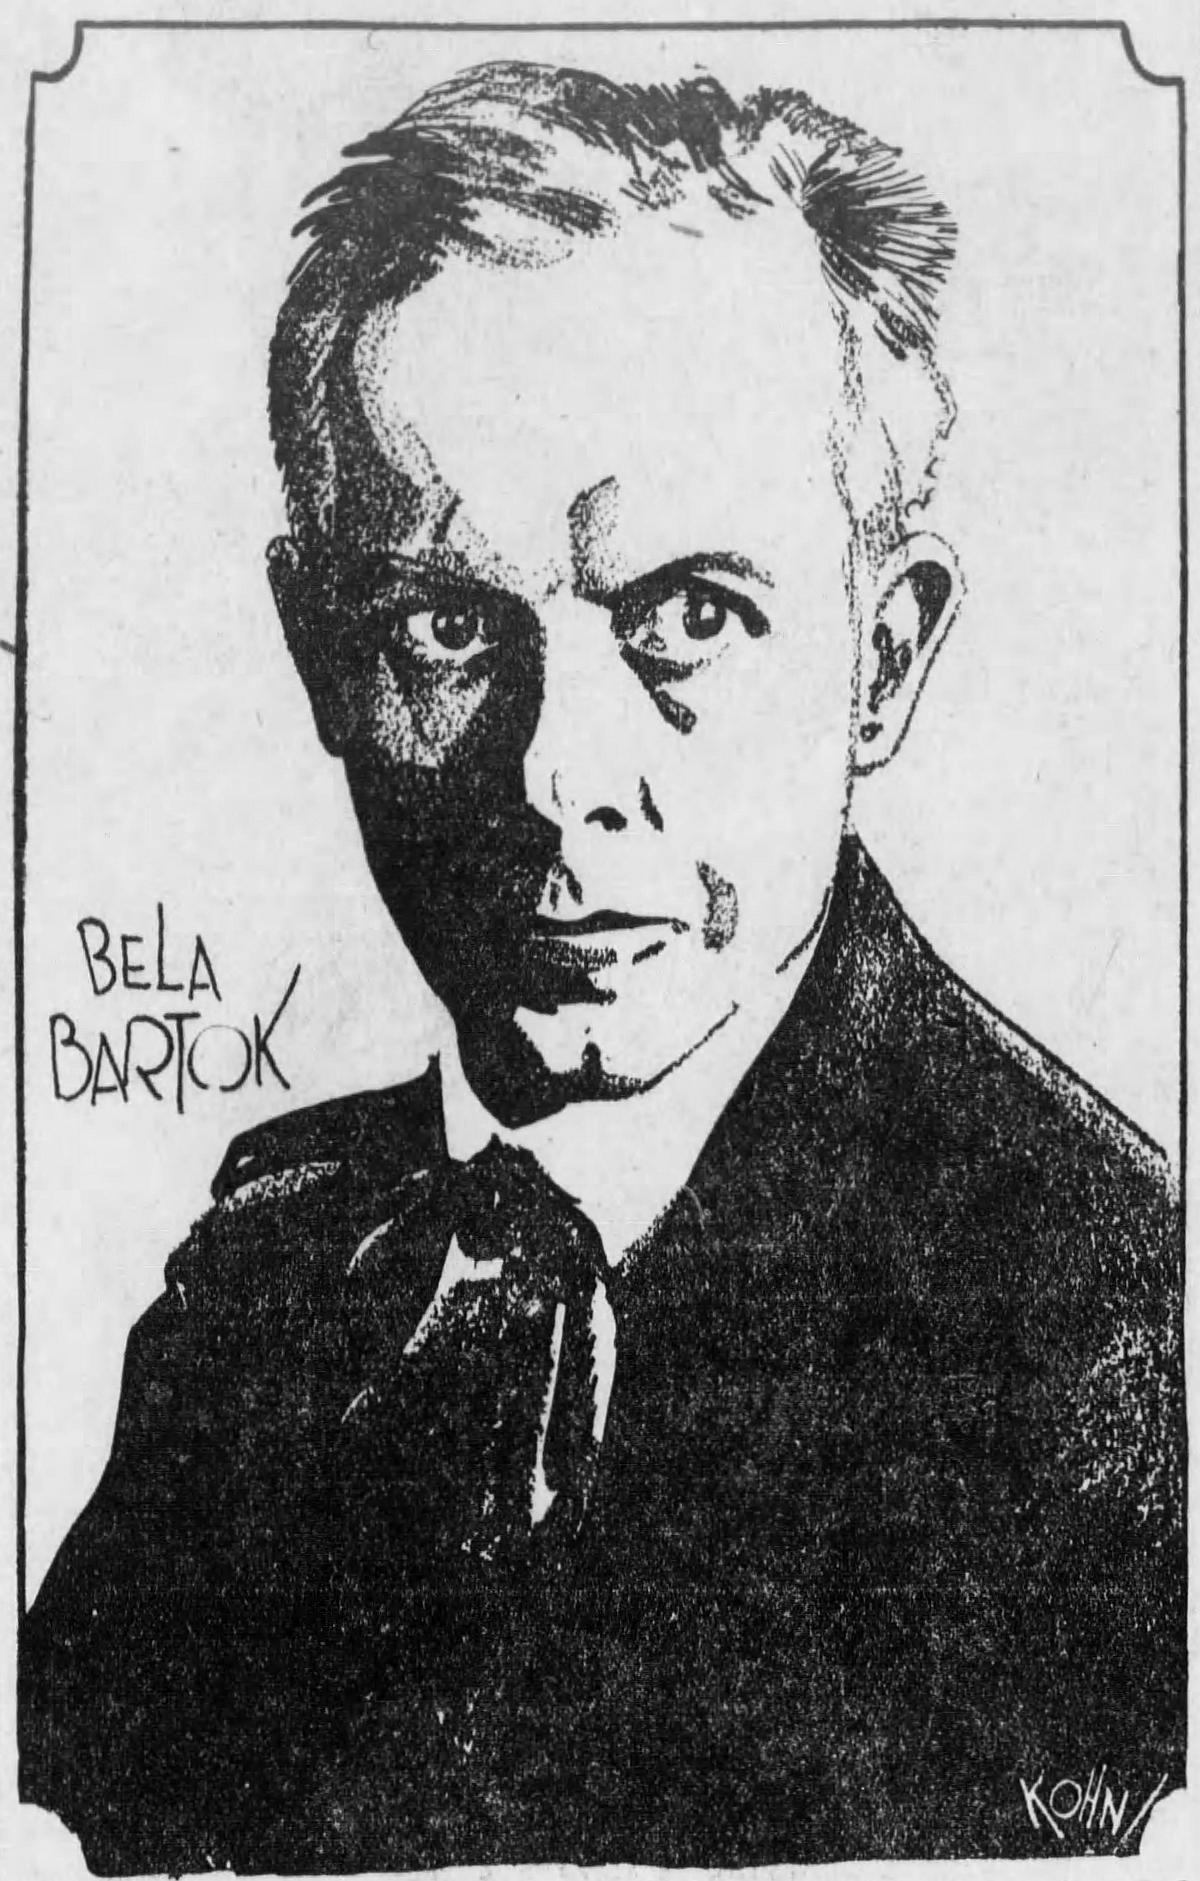 Portrait de Bela BARTOK - graphiste KOHN - paru dans le The Cincinnati Enquirer du dimanche 19 février 1928, à l'occasion de concerts donné par Bela Bartok avec le Cincinnati Symphony Orchestra les 24 et 25 février 1928, cliquer pour une vue agrandie